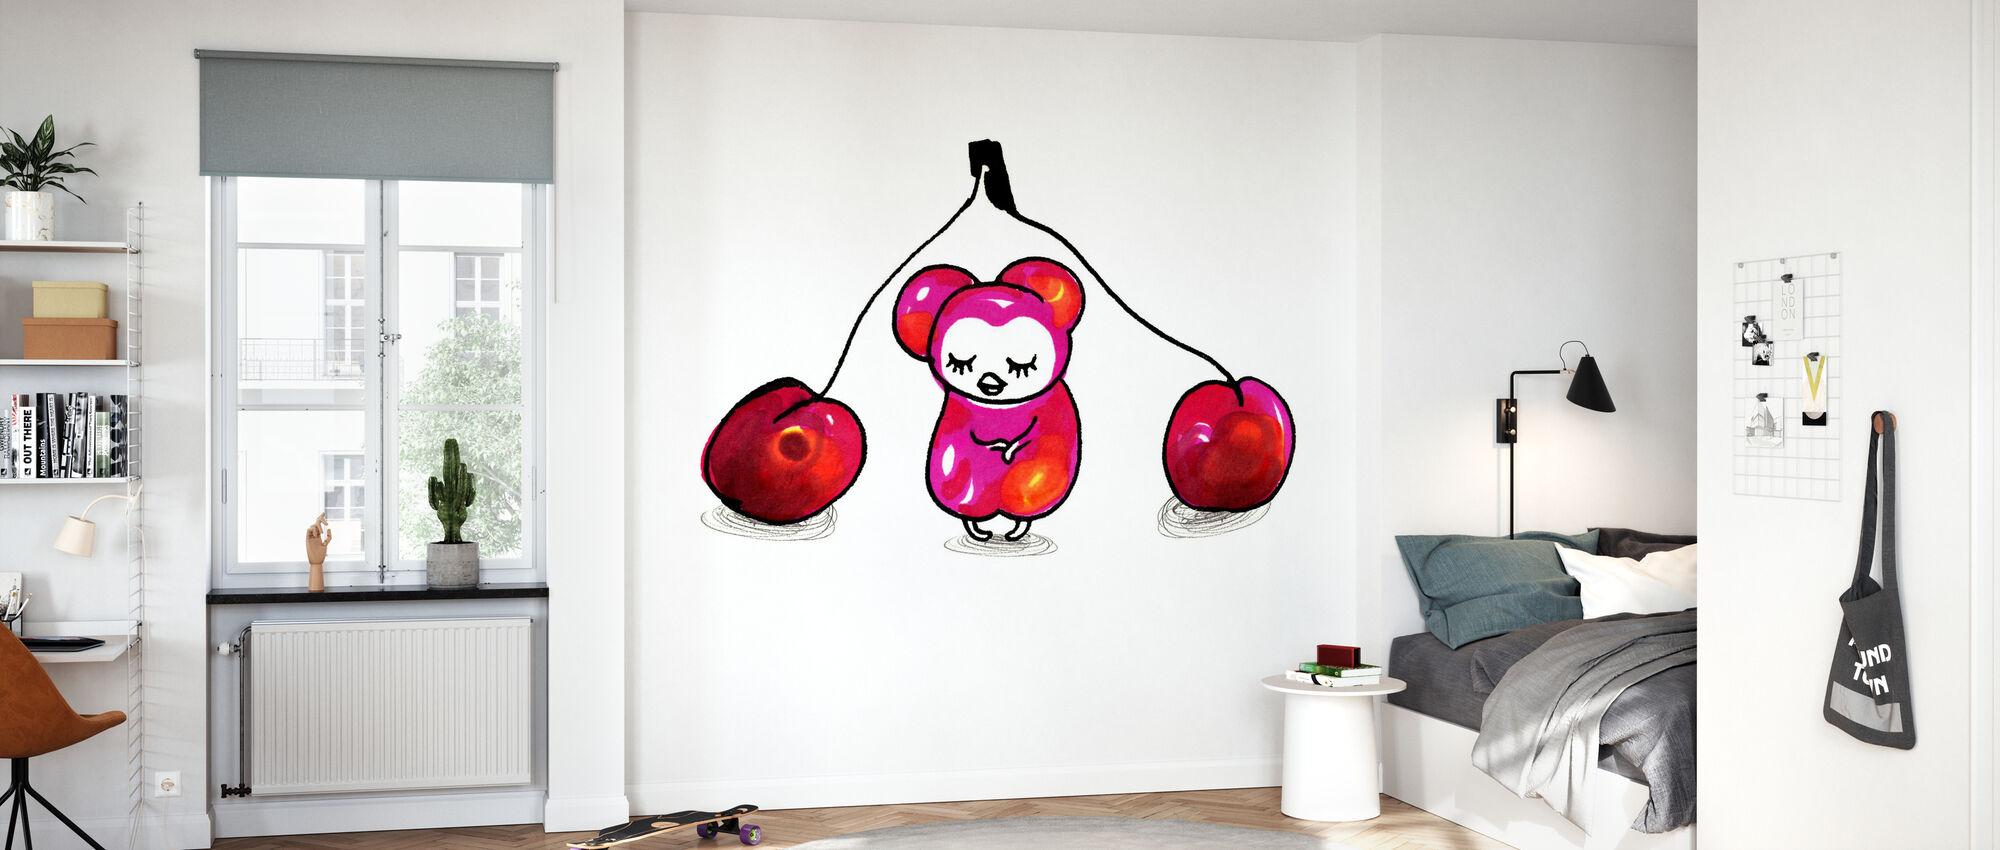 Cherries - Wallpaper - Kids Room